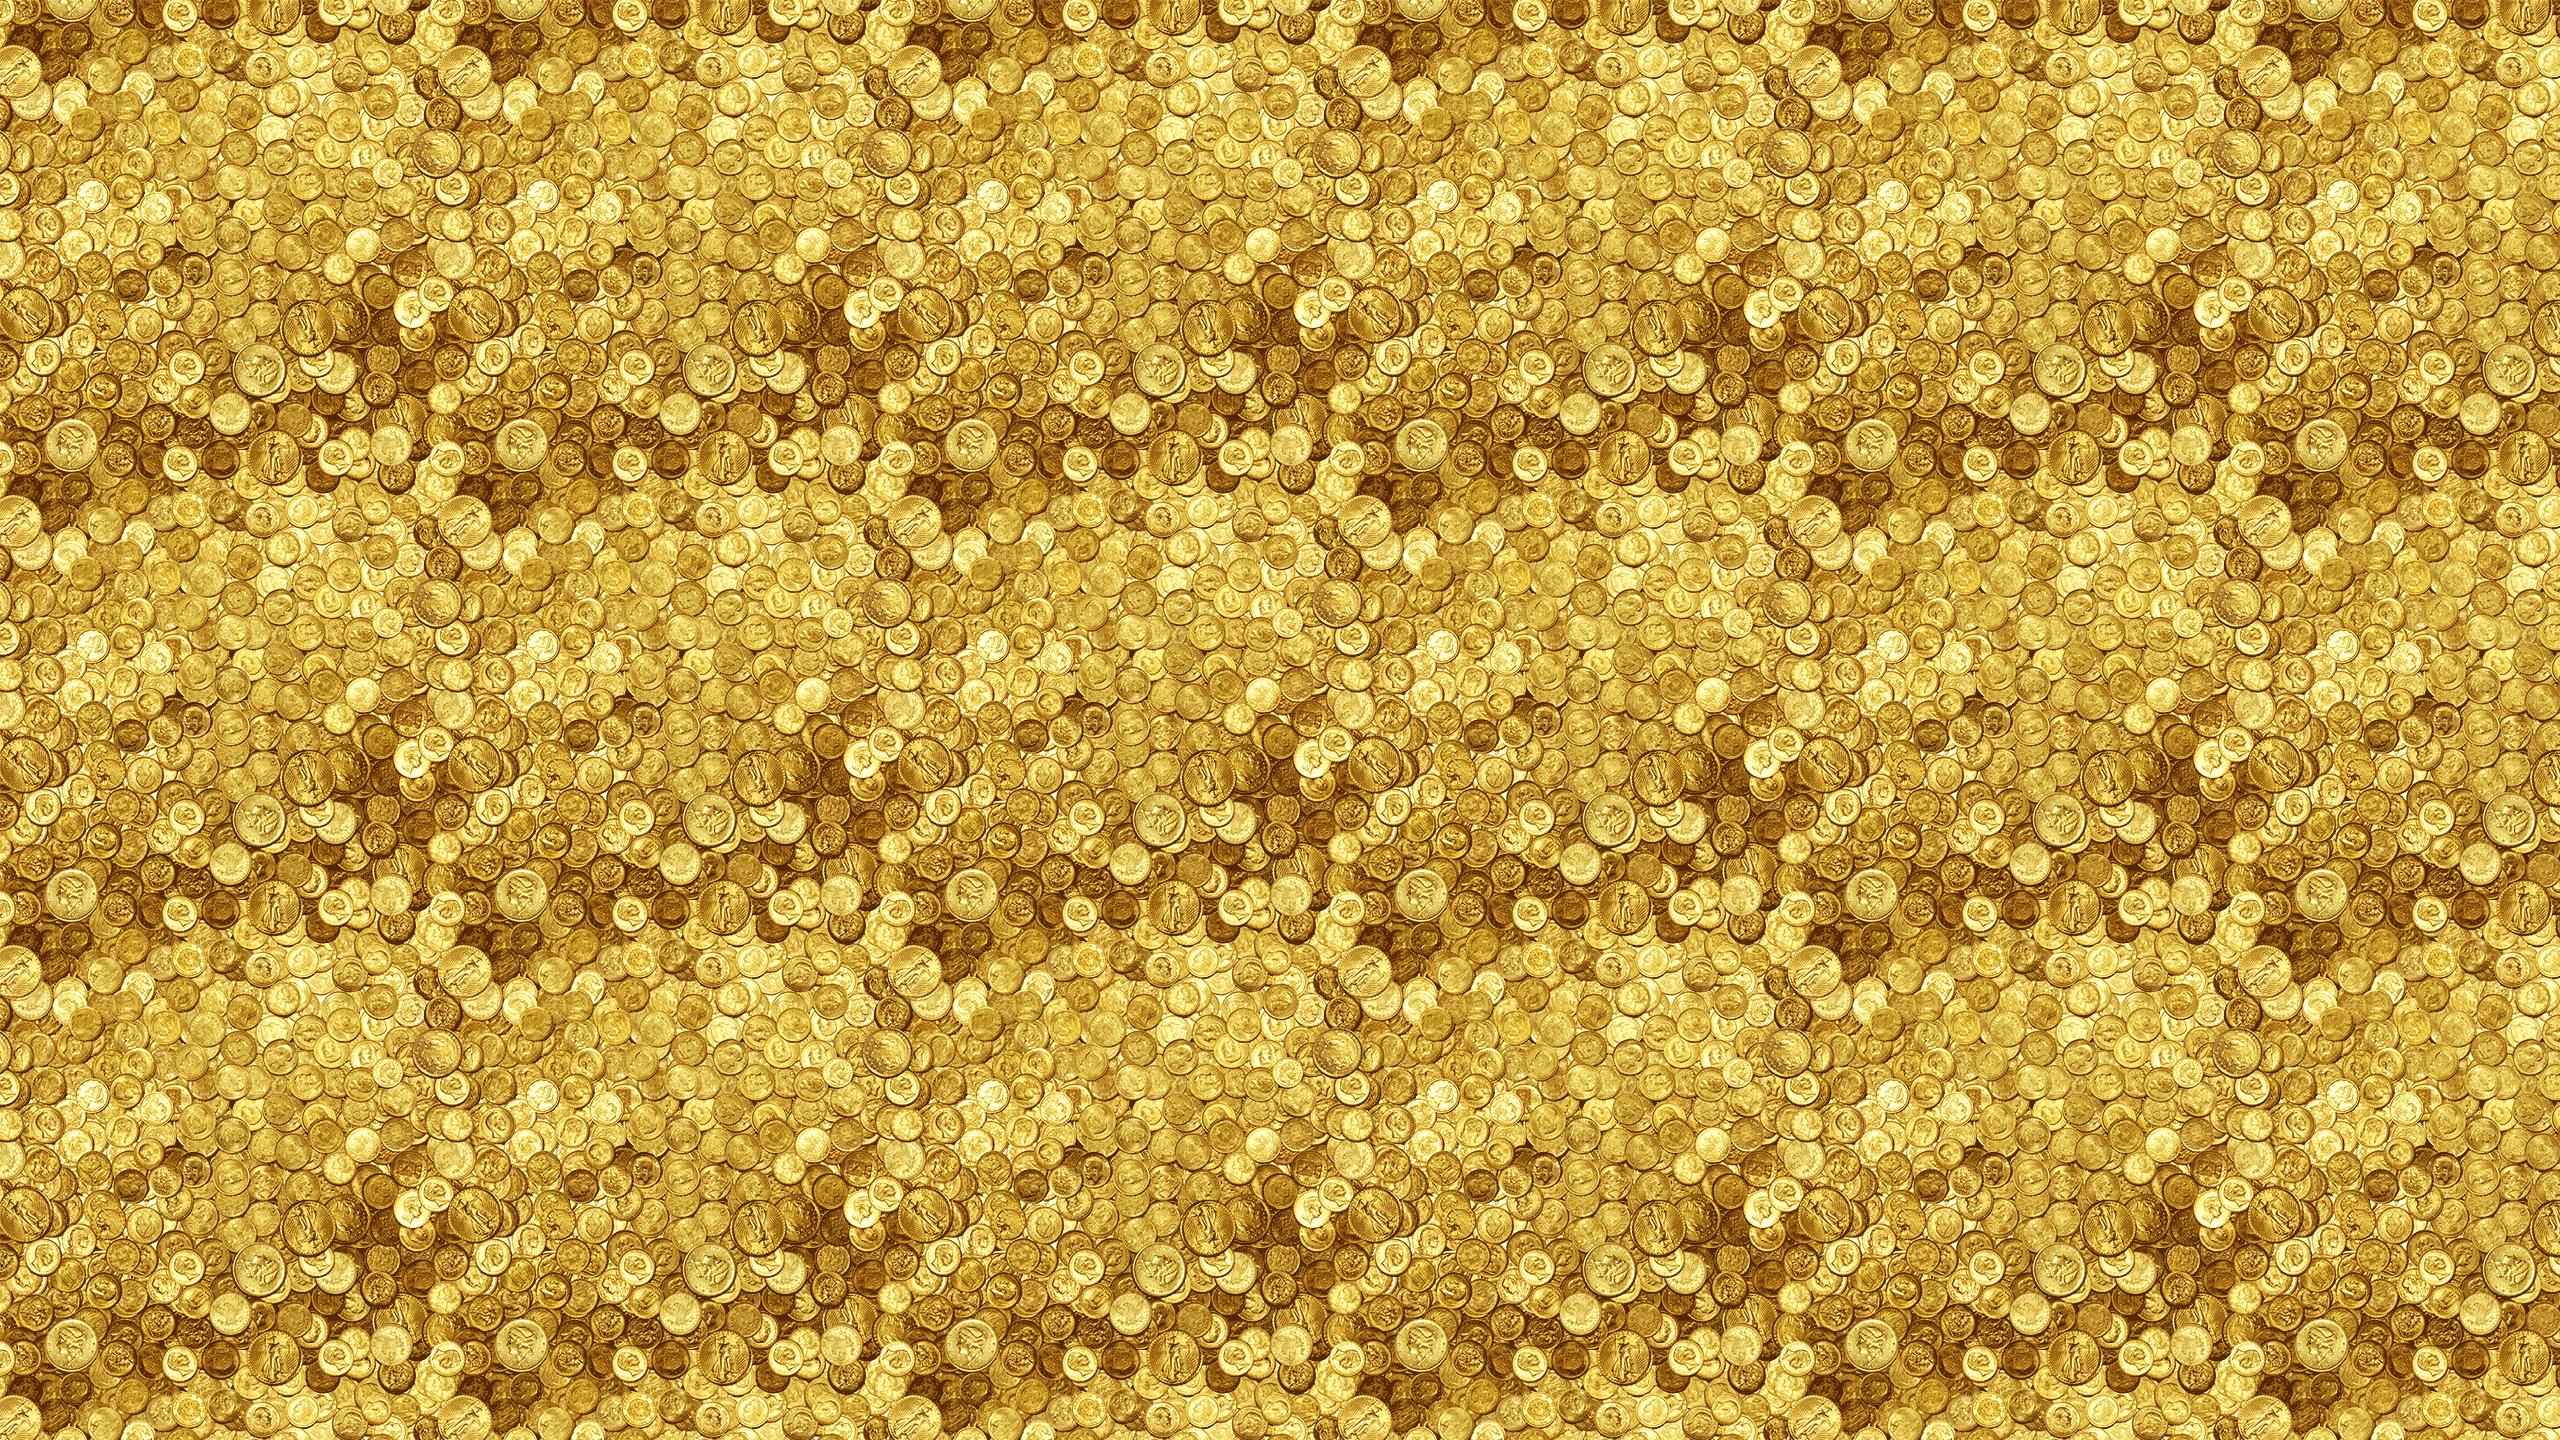 Золото  № 1487022 без смс